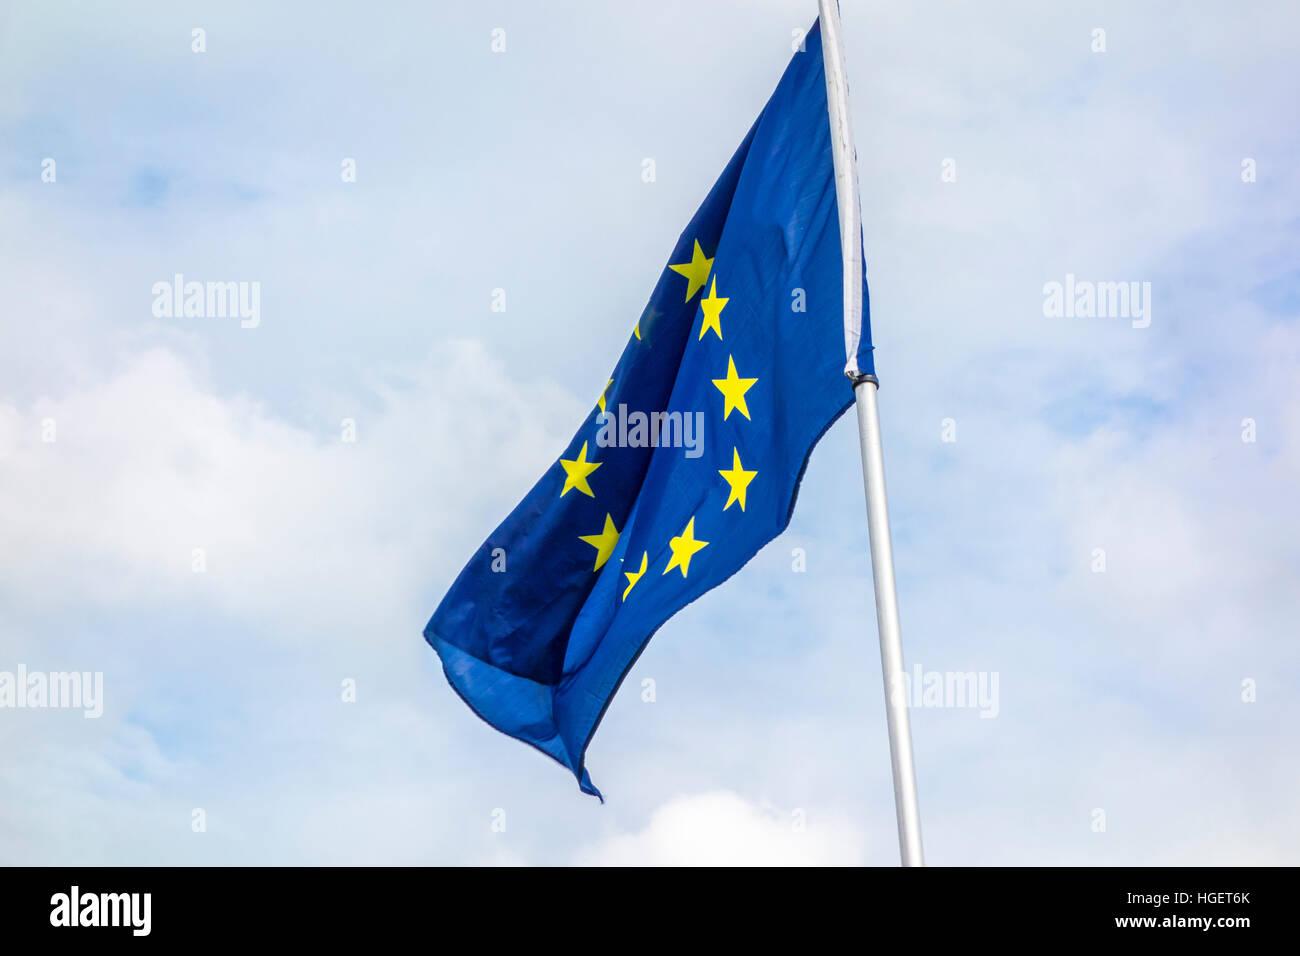 Die Flagge der Europäischen Union die EU-Flagge mit den Wolken im Hintergrund Stockbild